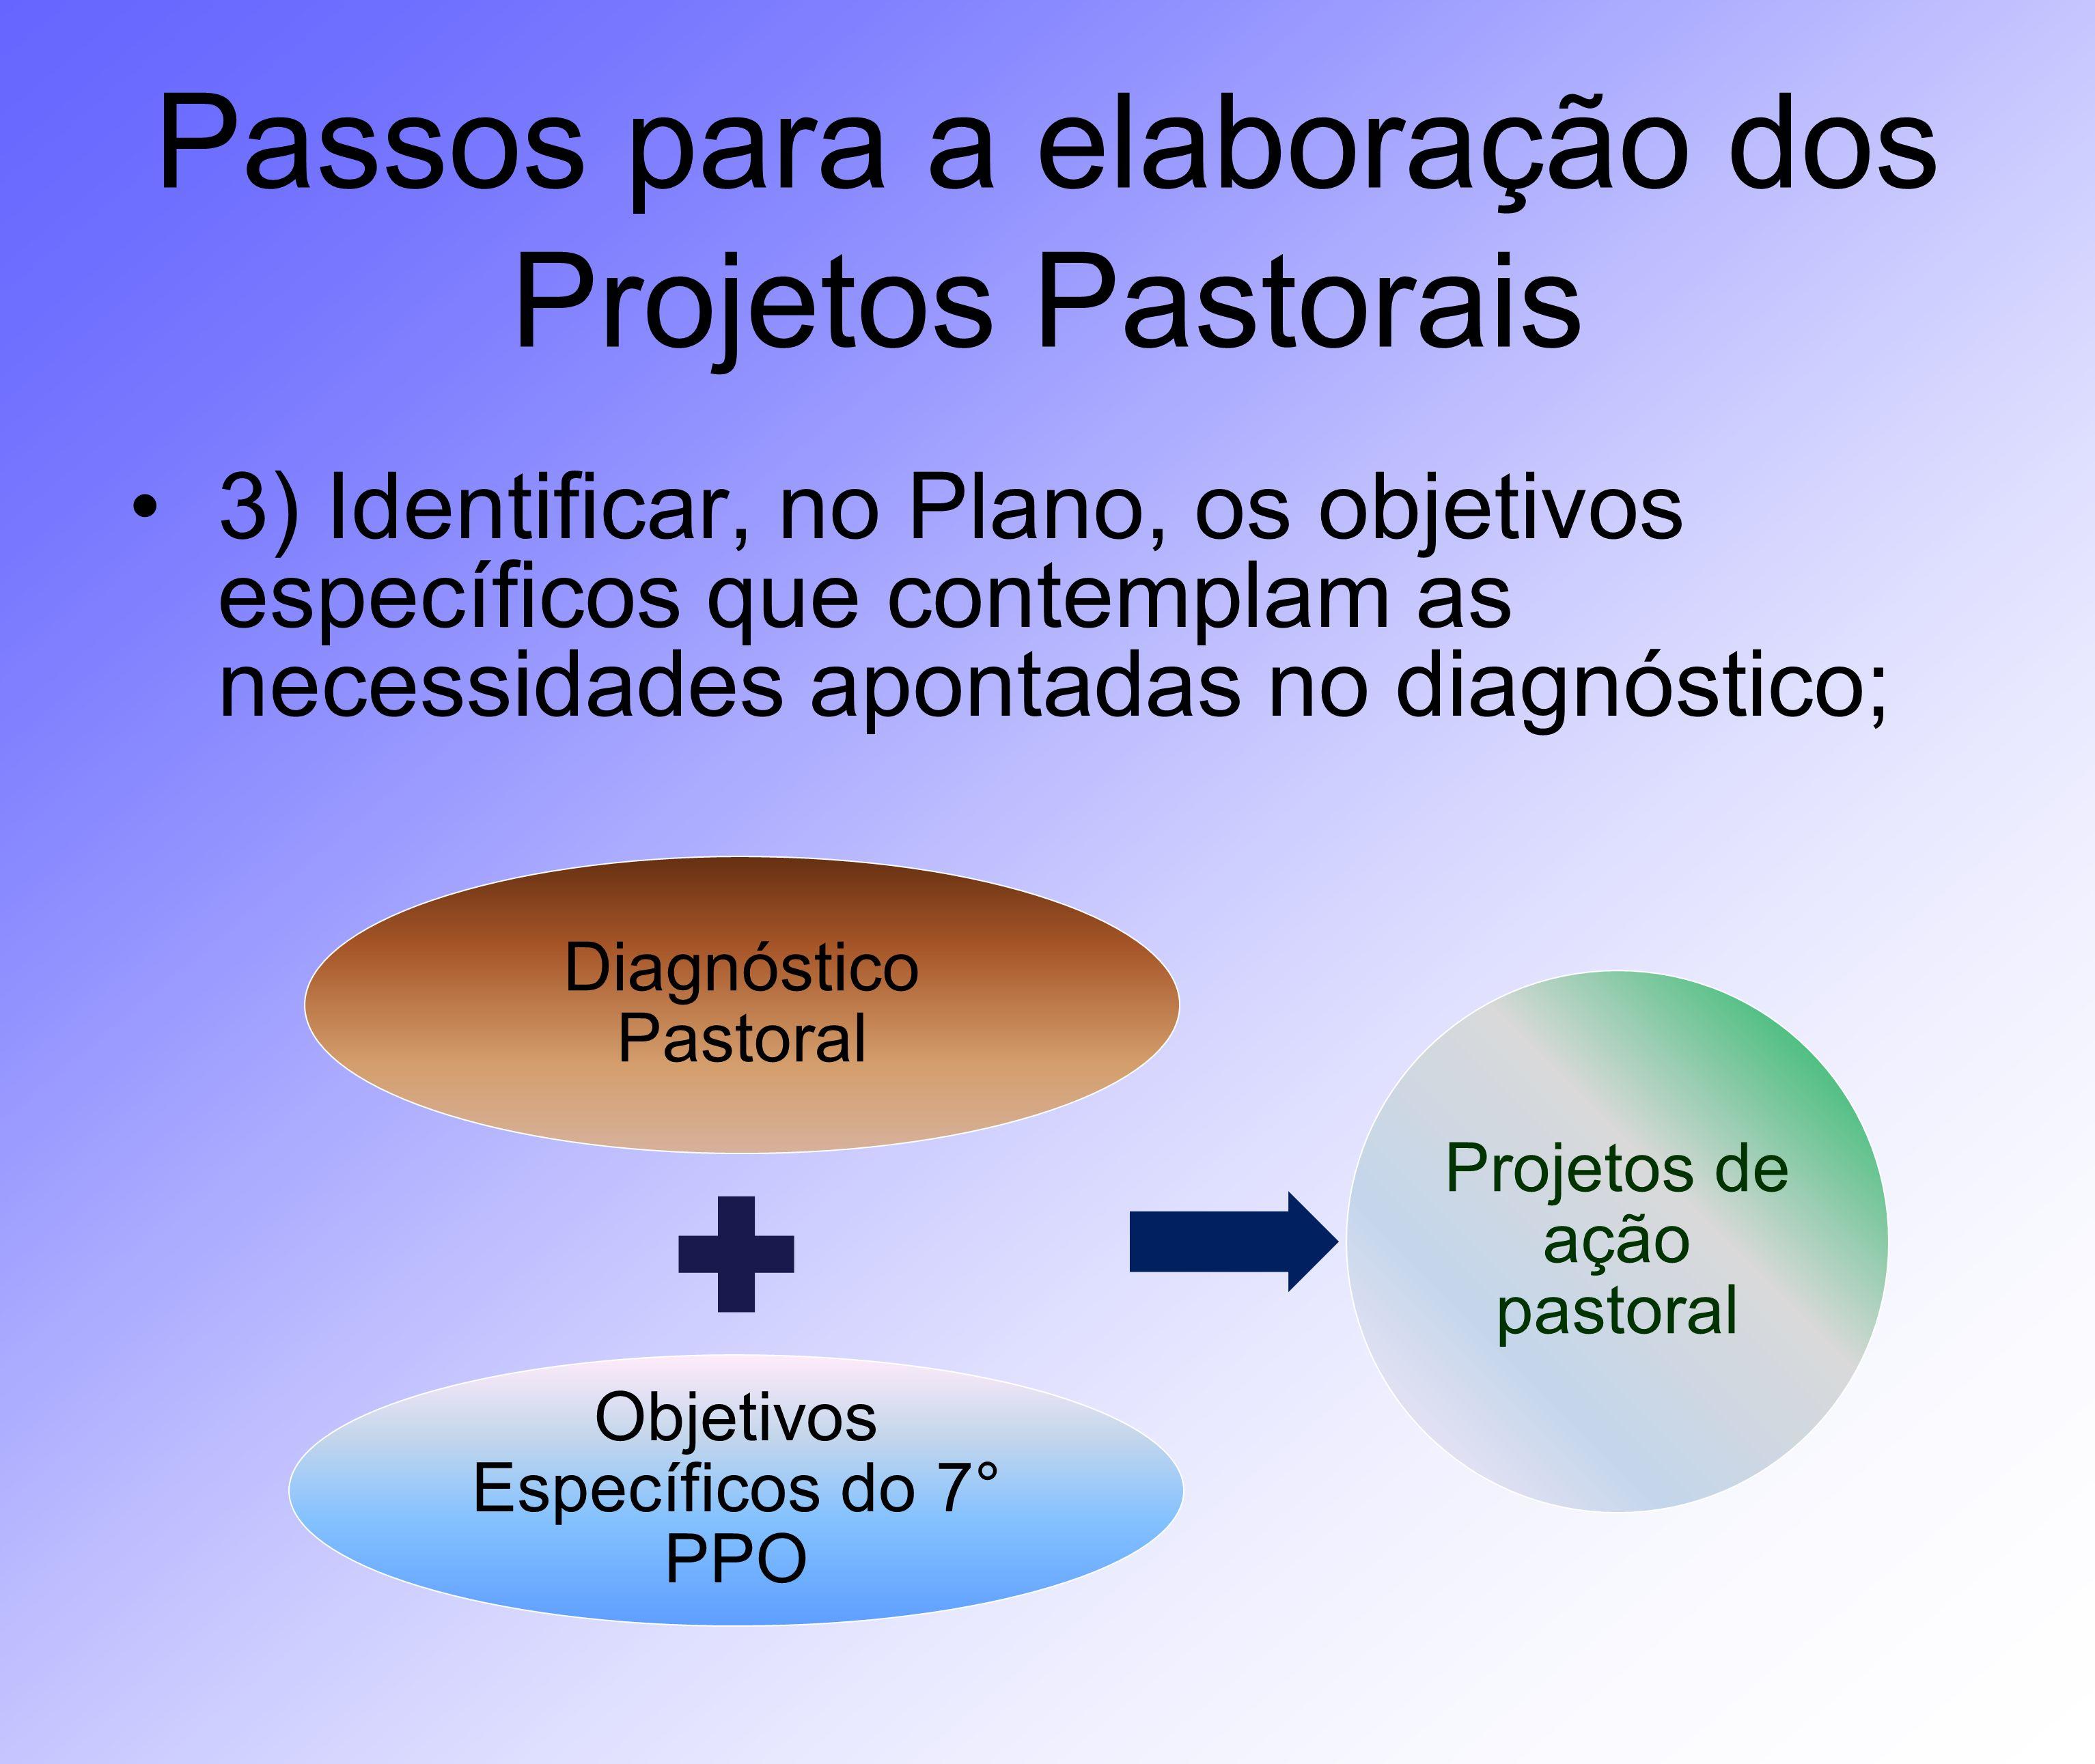 Passos para a elaboração dos Projetos Pastorais 4) Elaborar os projetos (quadrinho), a partir da metotodologia proposta (planejamento participativo + inventário de recursos); Projeto / Atividade Nome do projeto ObjetivoO que queremos com ele.